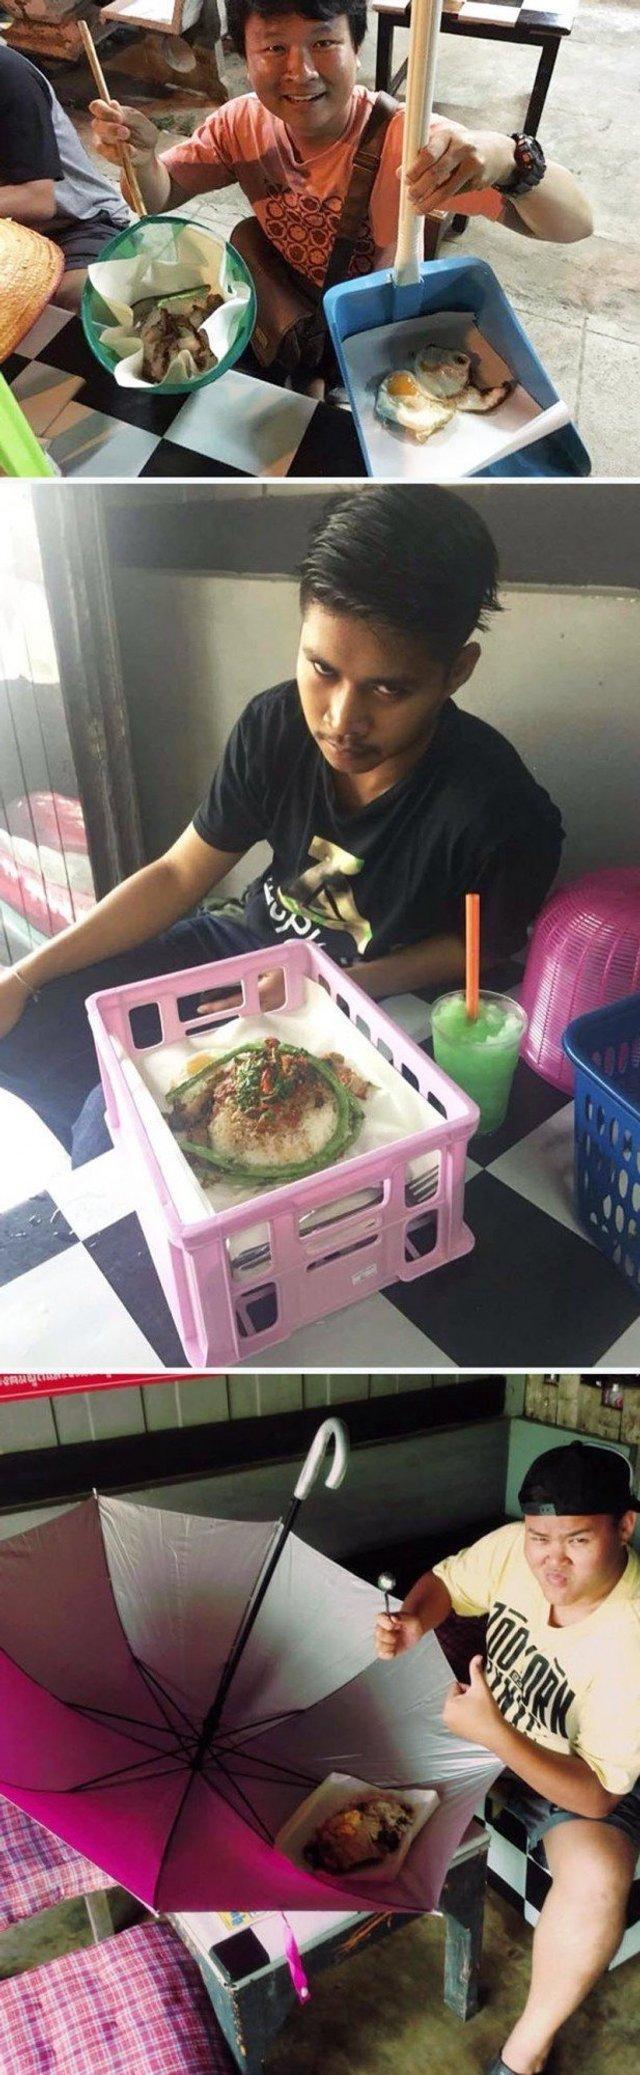 Епічна подача їжі у закладах, яка здивує кожного: фото - фото 328438